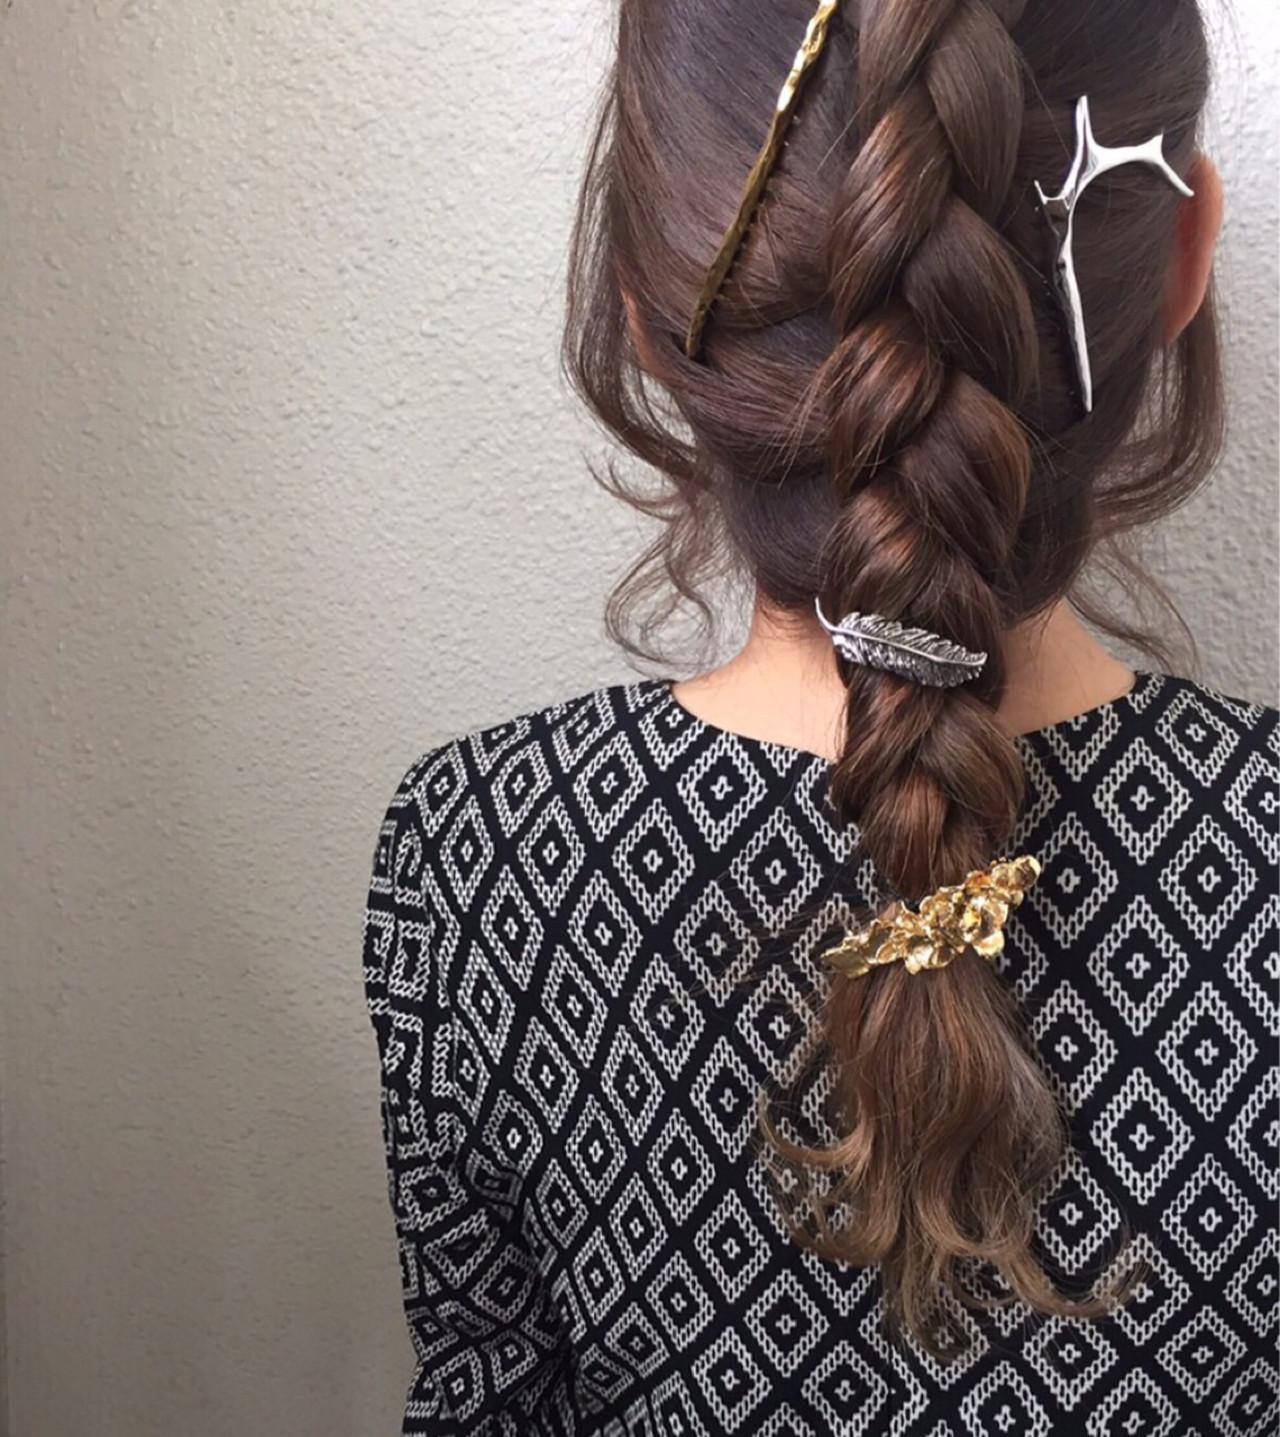 けっこうしっかりと裏編みして毛先だけ巻いてます。